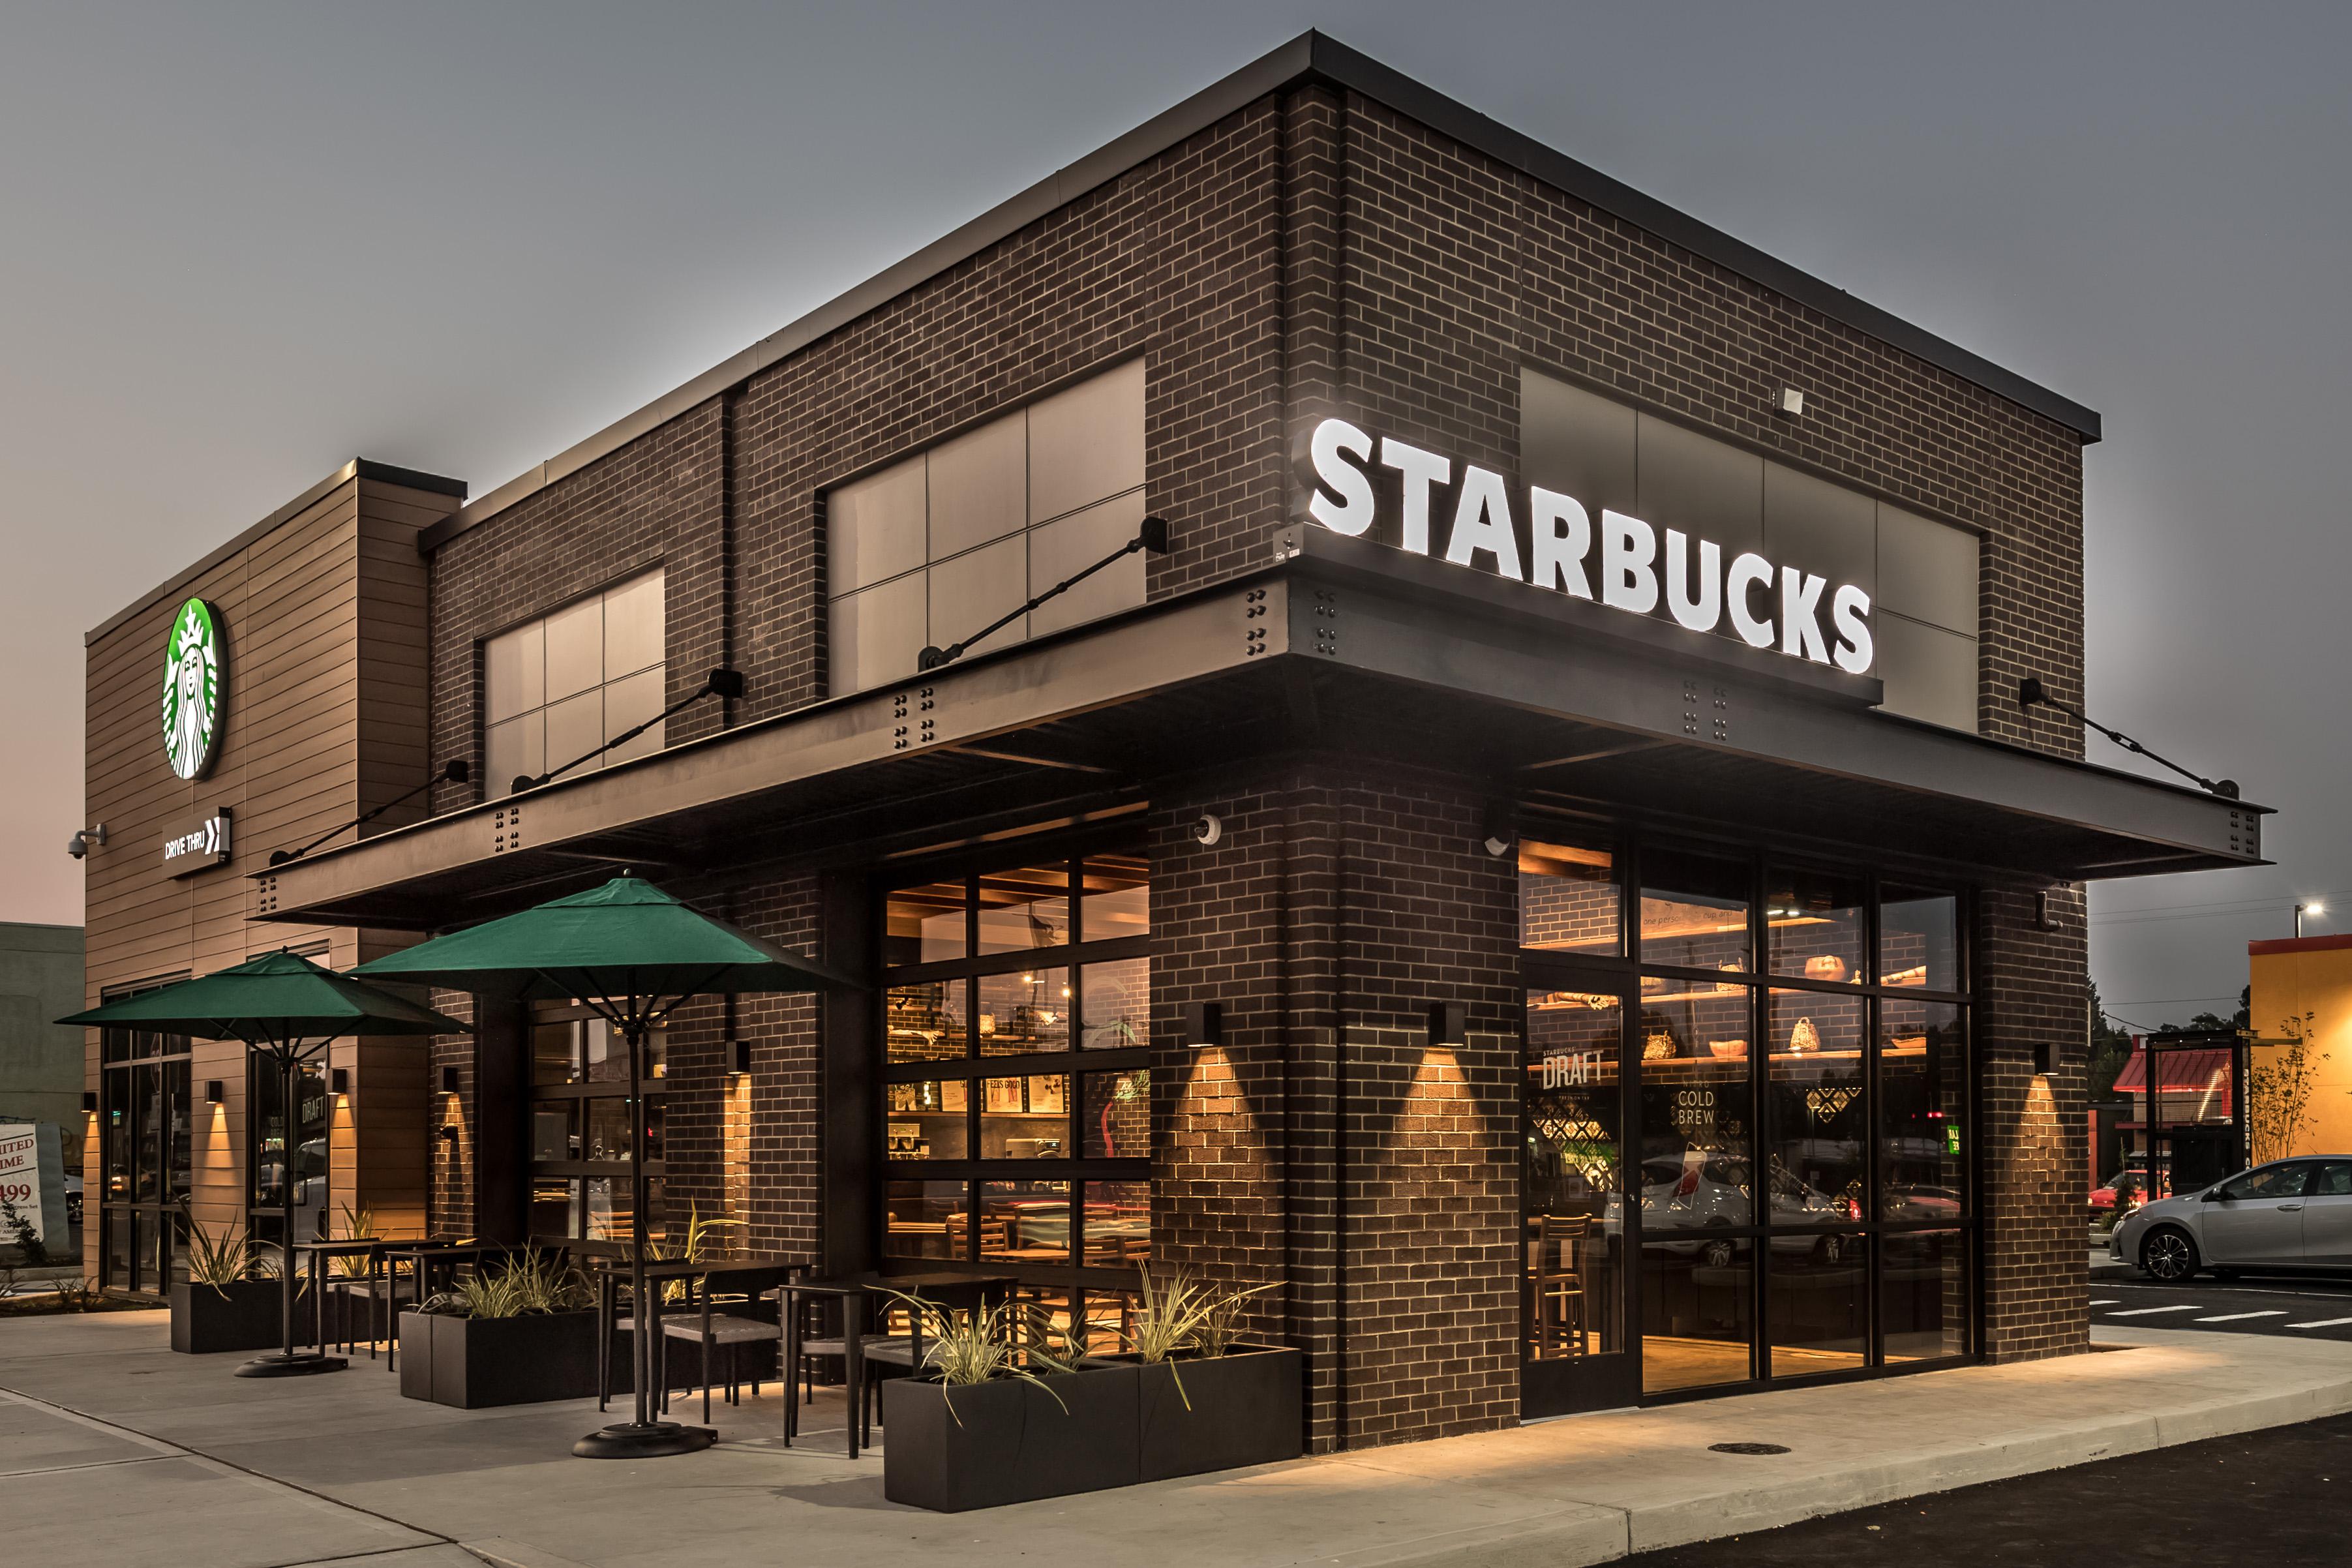 Thiết kế quán cafe Starbucks đã mê hoặc khách hàng như thế nào?